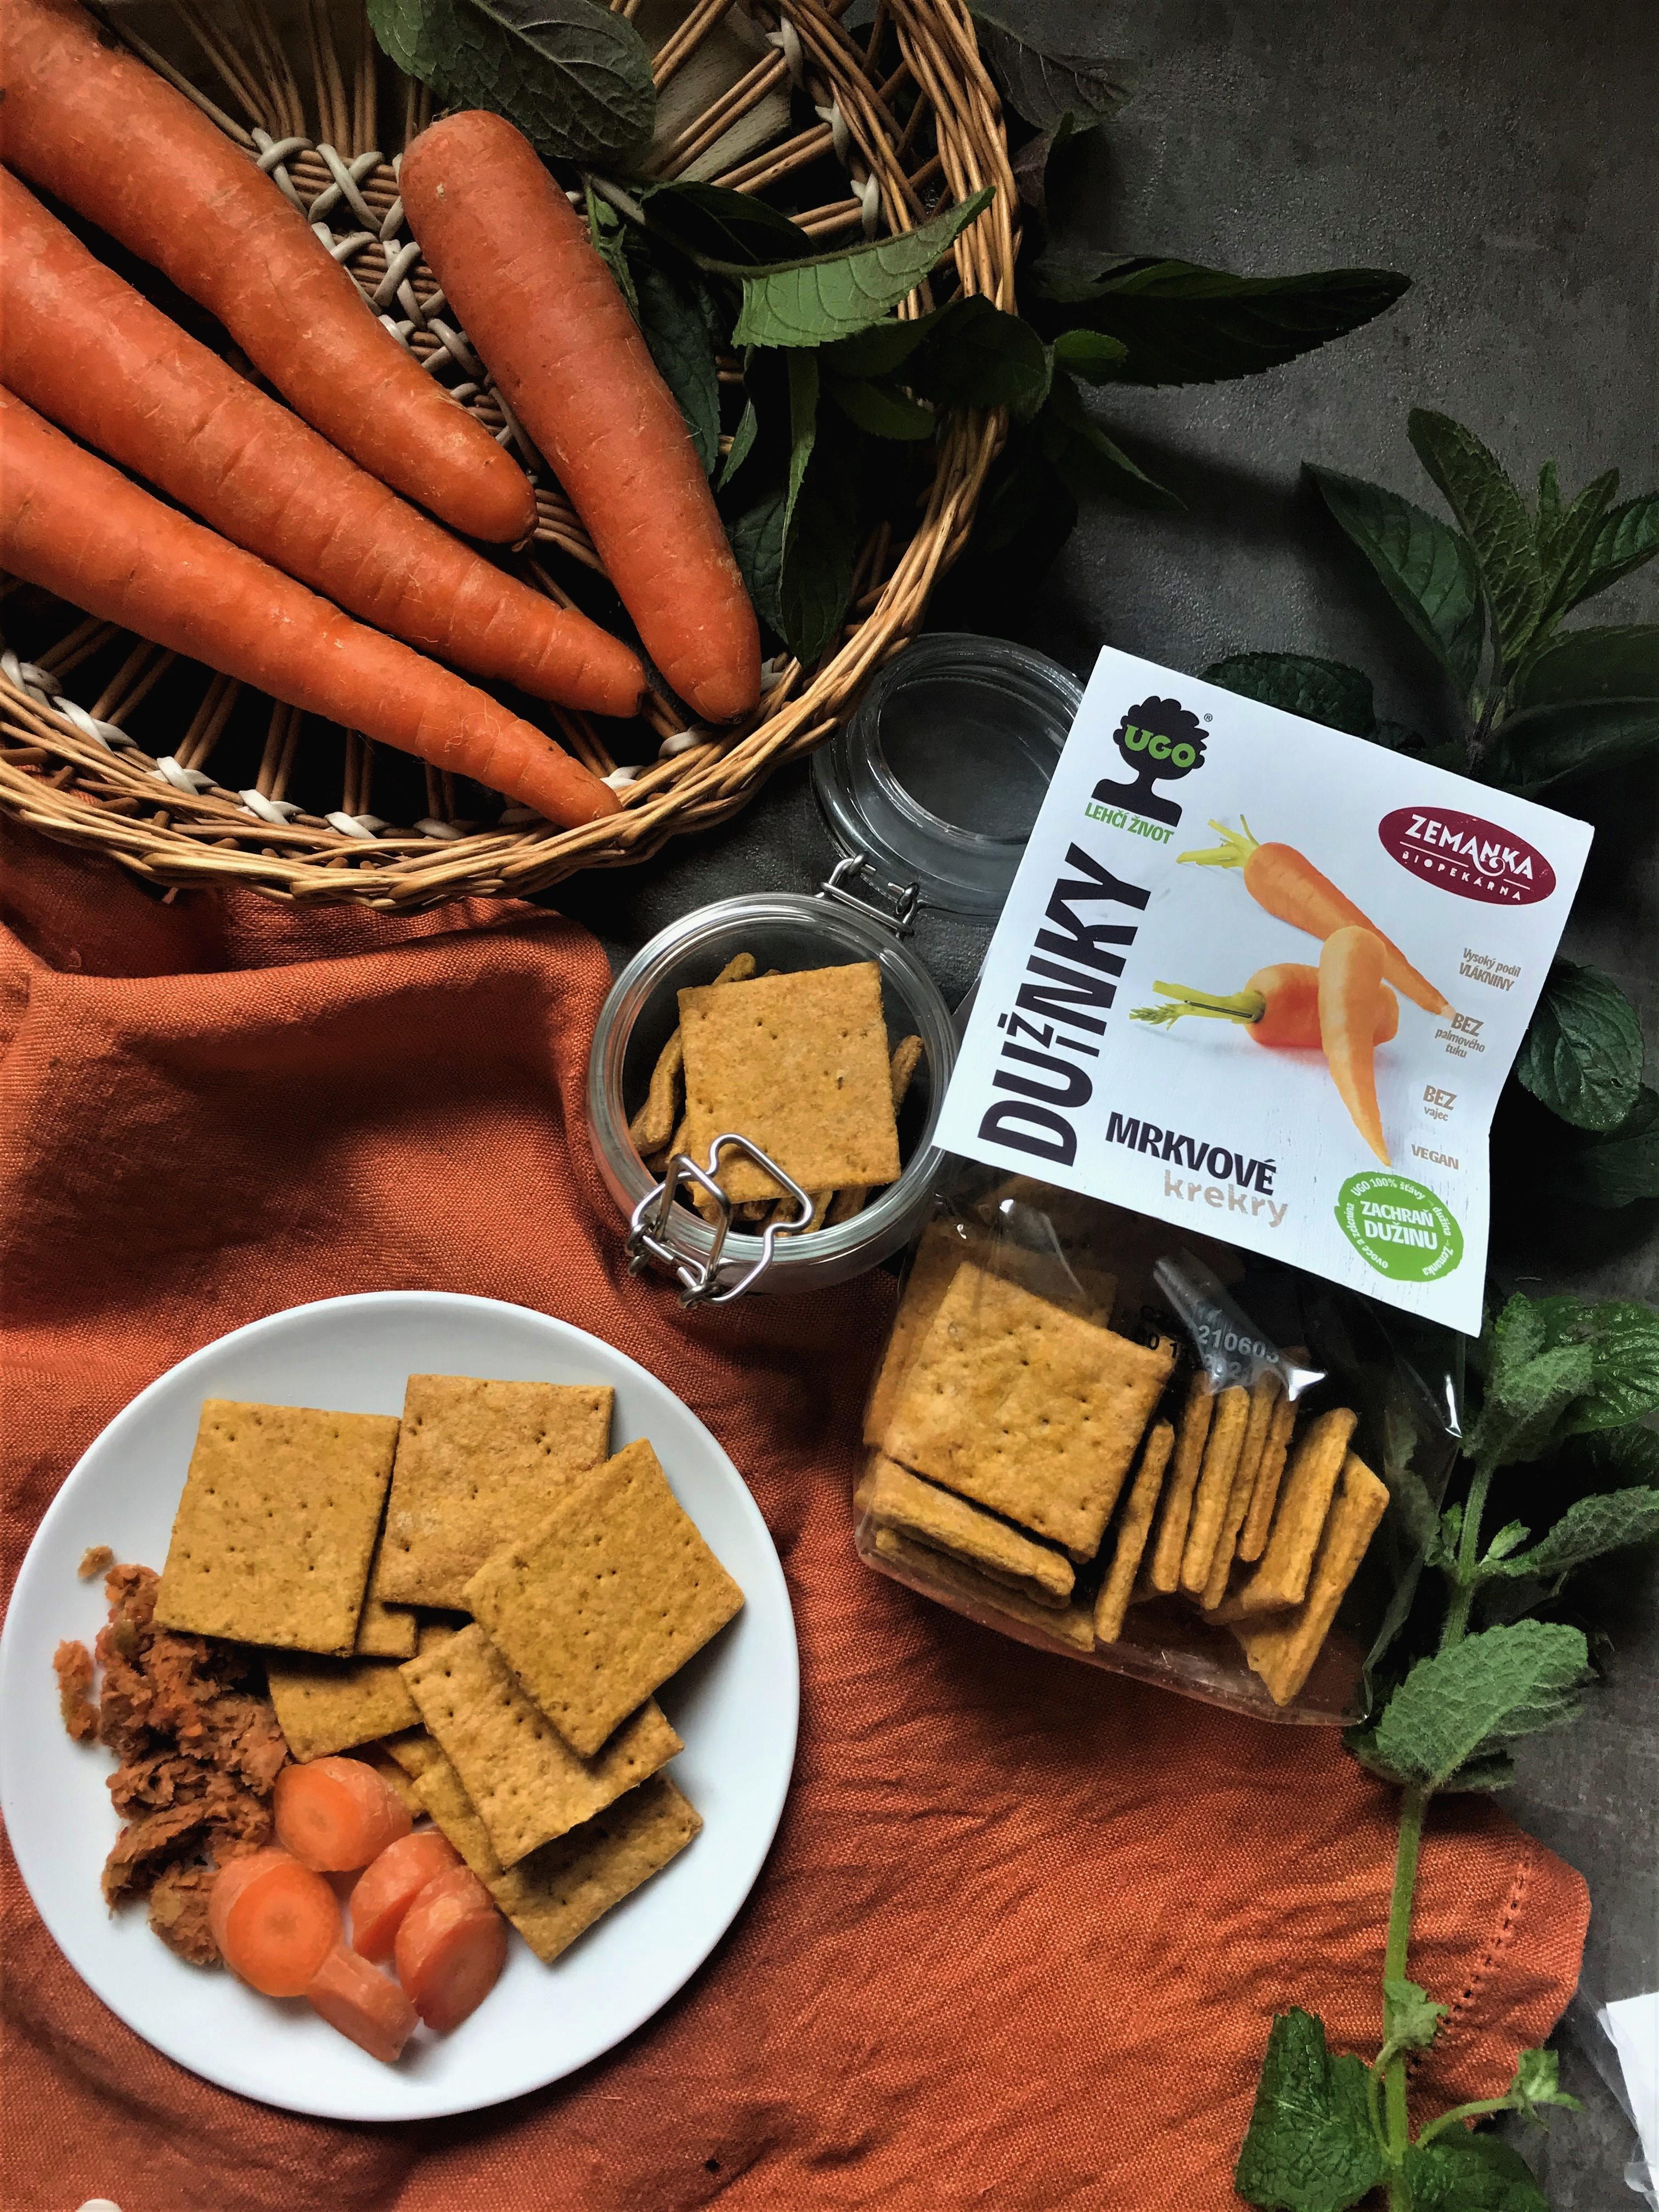 Sušenky ze zbytků? Biopekárna Zemanka a UGO představují  novinku, která využívá suroviny bez plýtvání